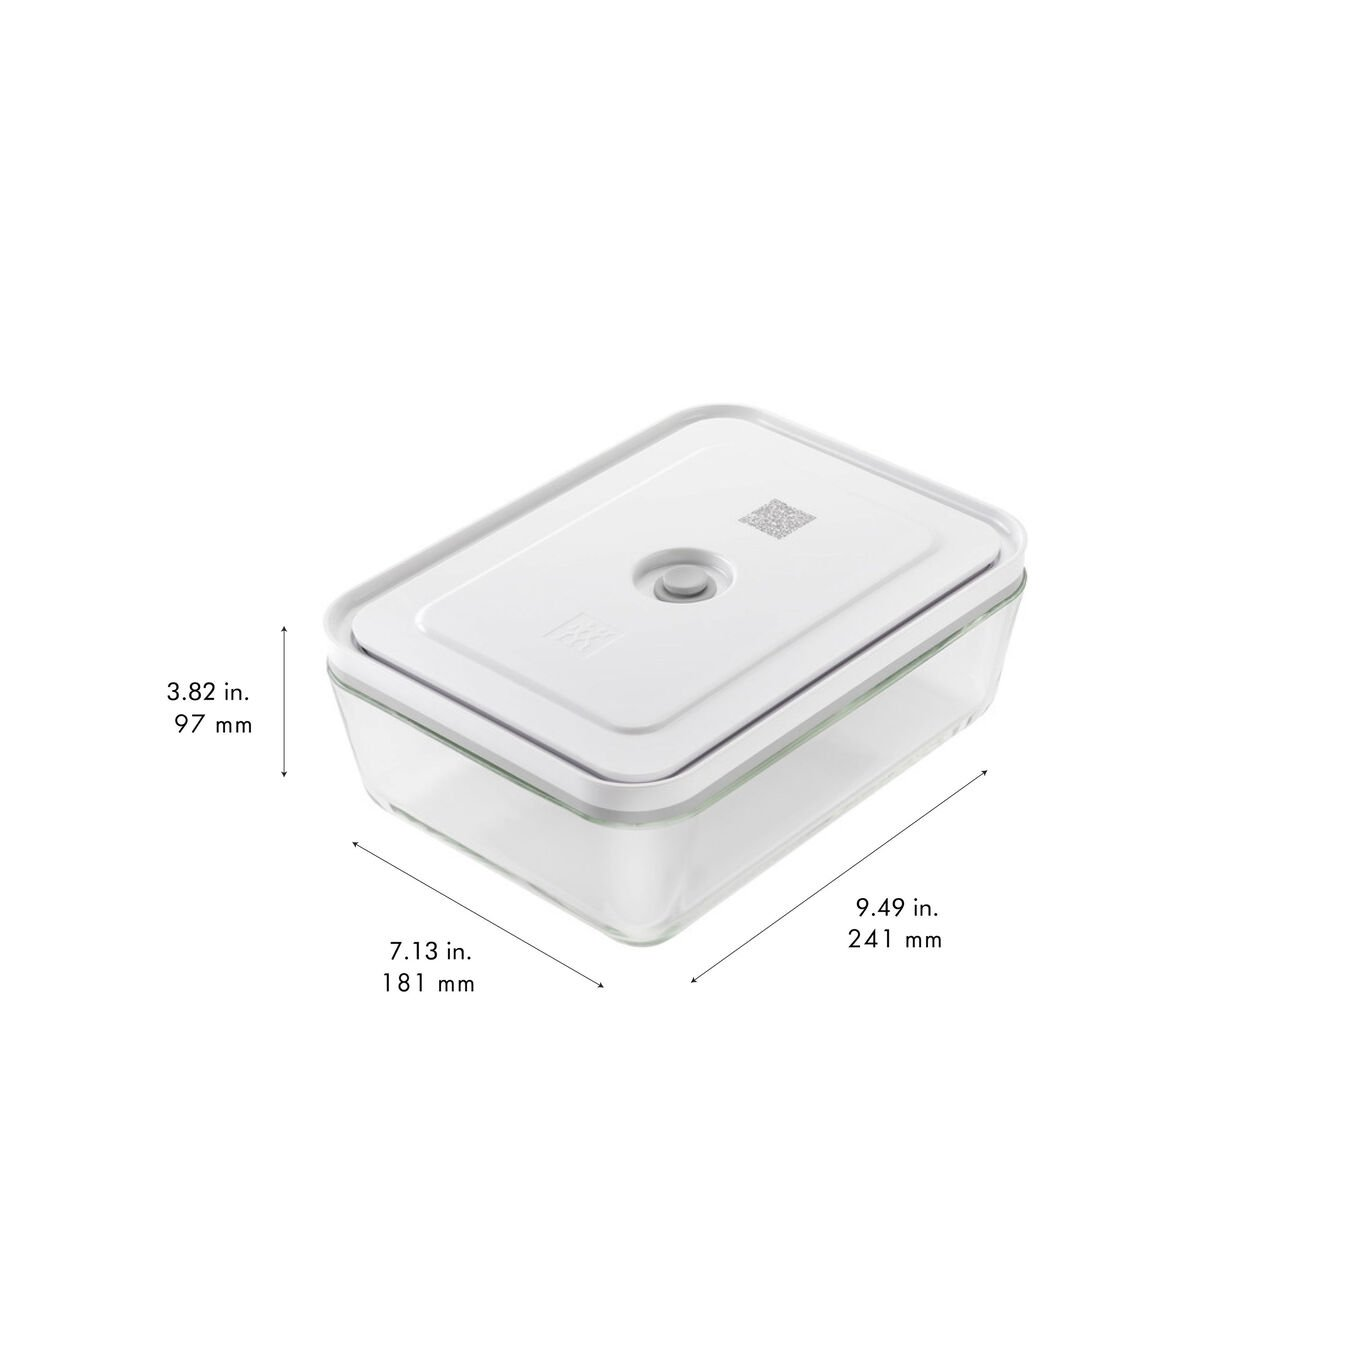 Vakuum Kühlschrankbox, Glas, Grau,,large 9